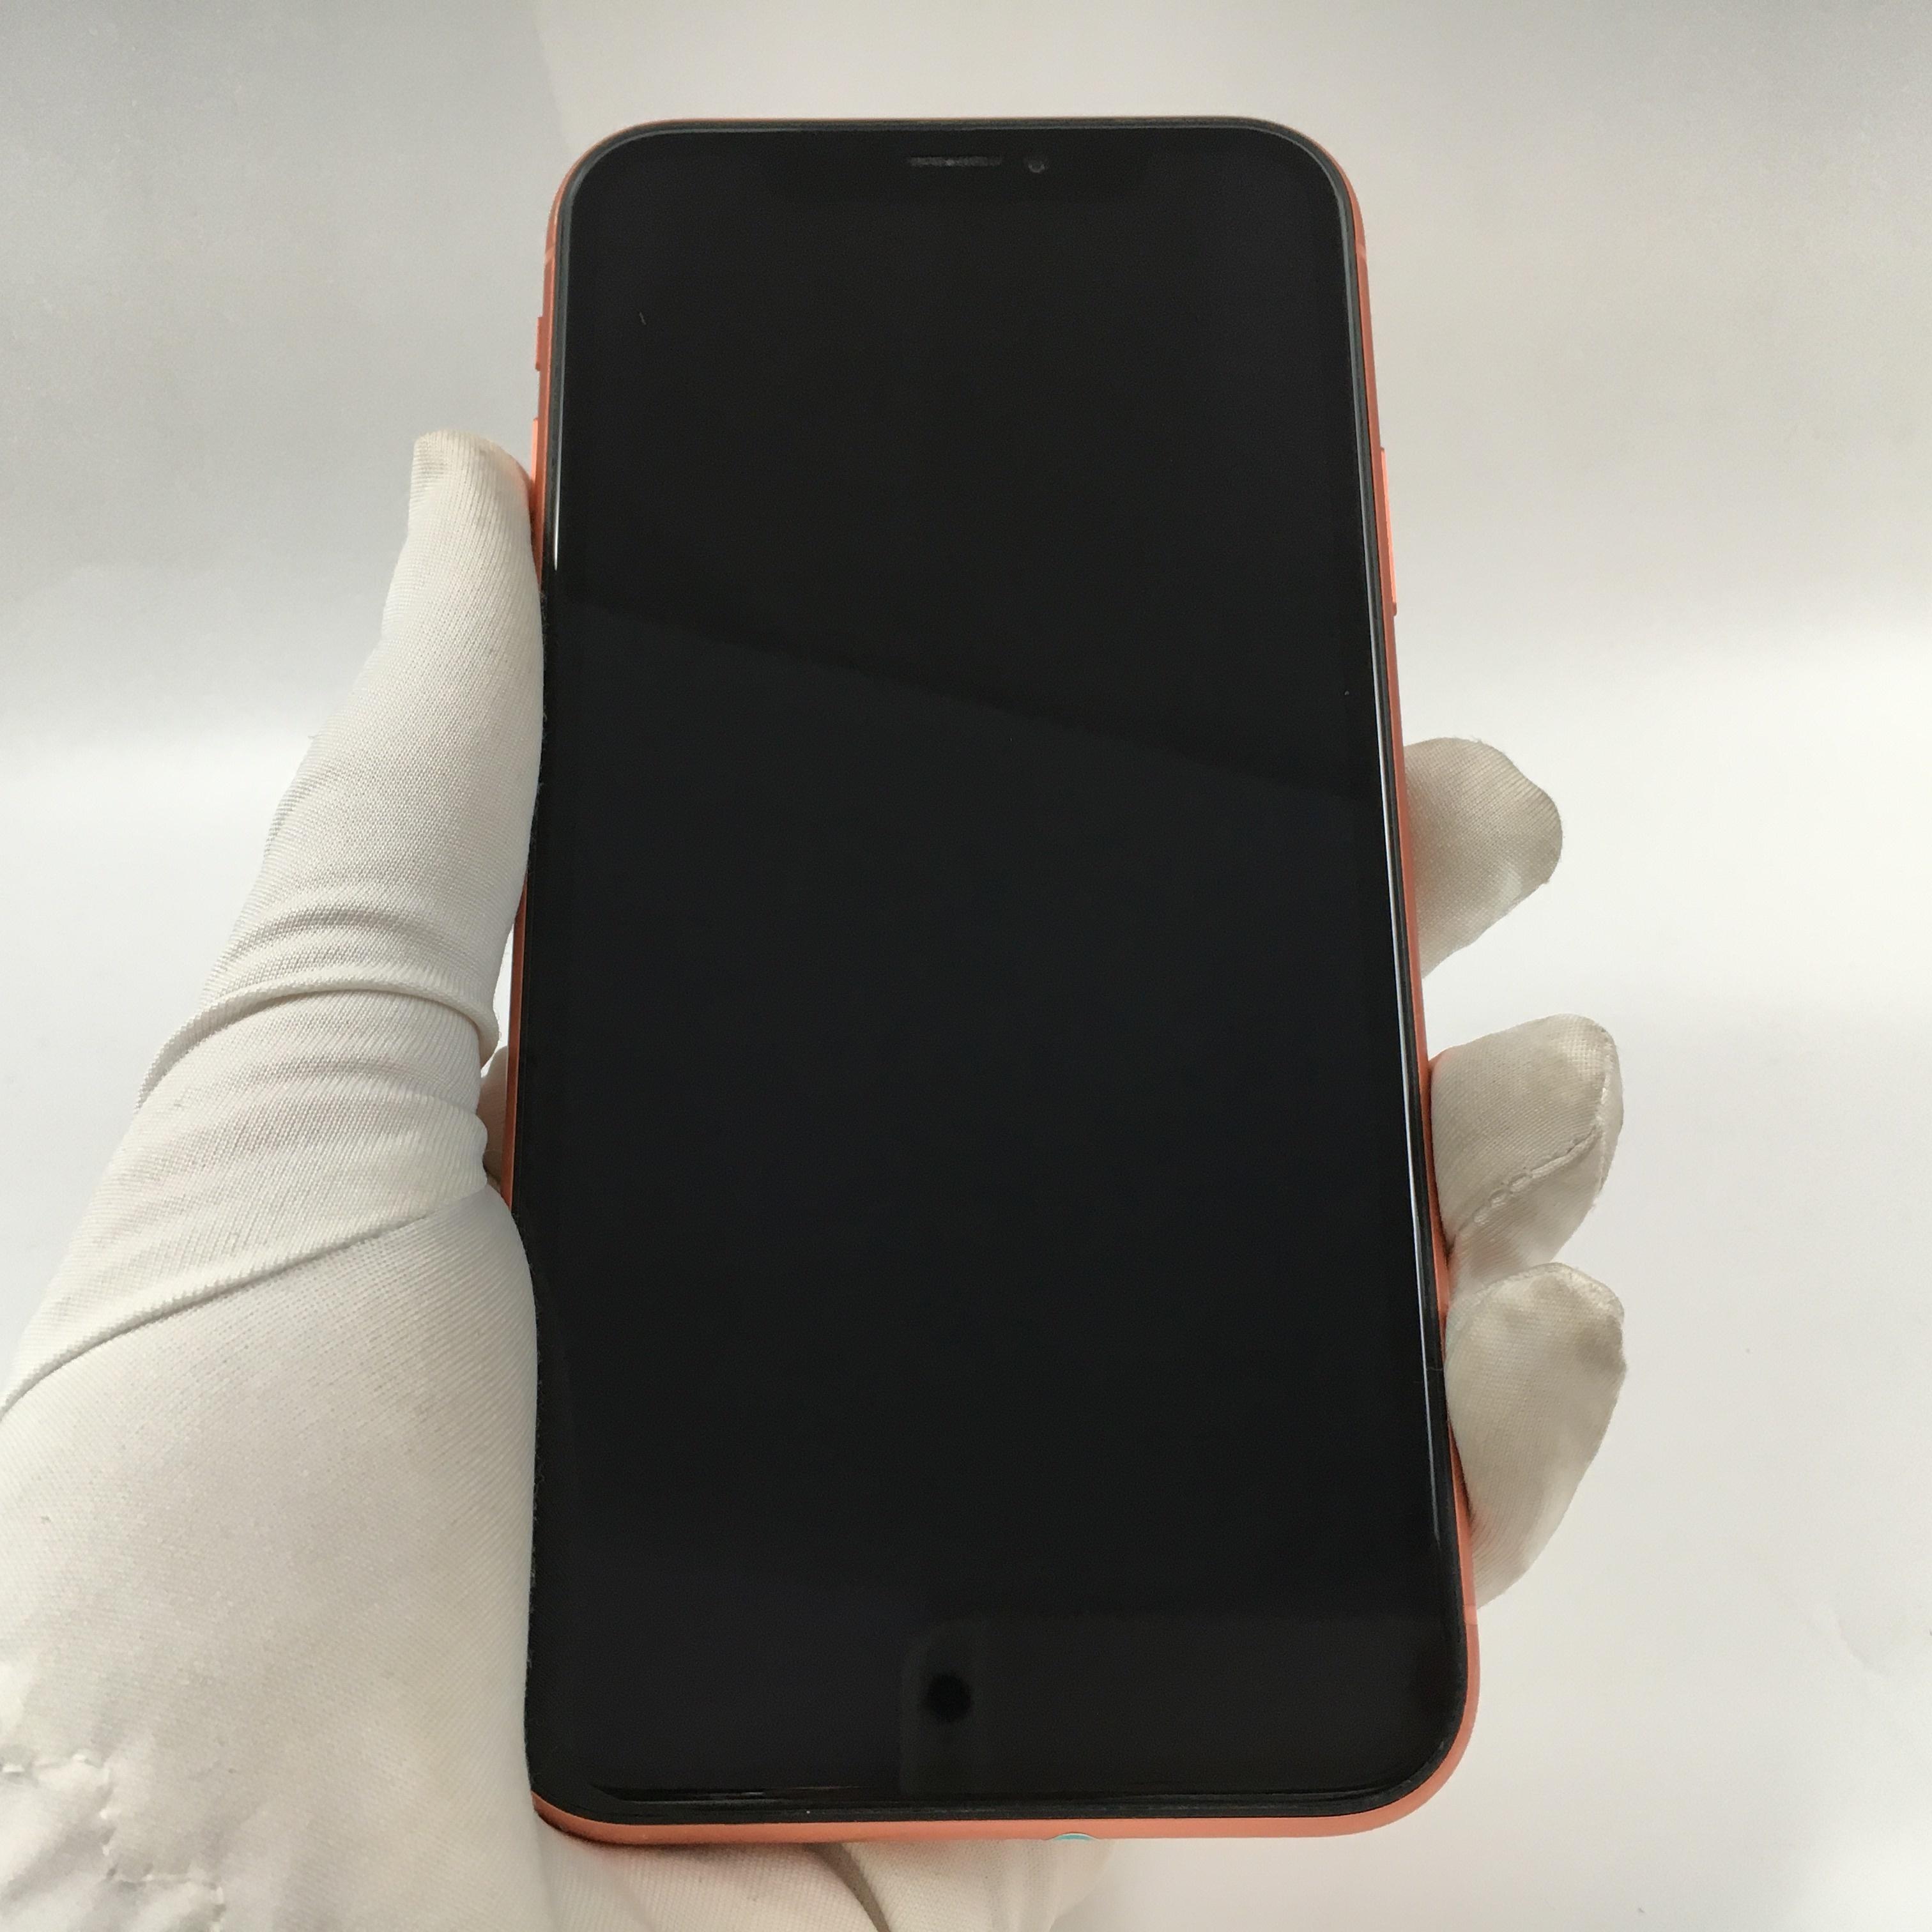 苹果【iPhone XR】4G全网通 珊瑚色 256G 国行 8成新